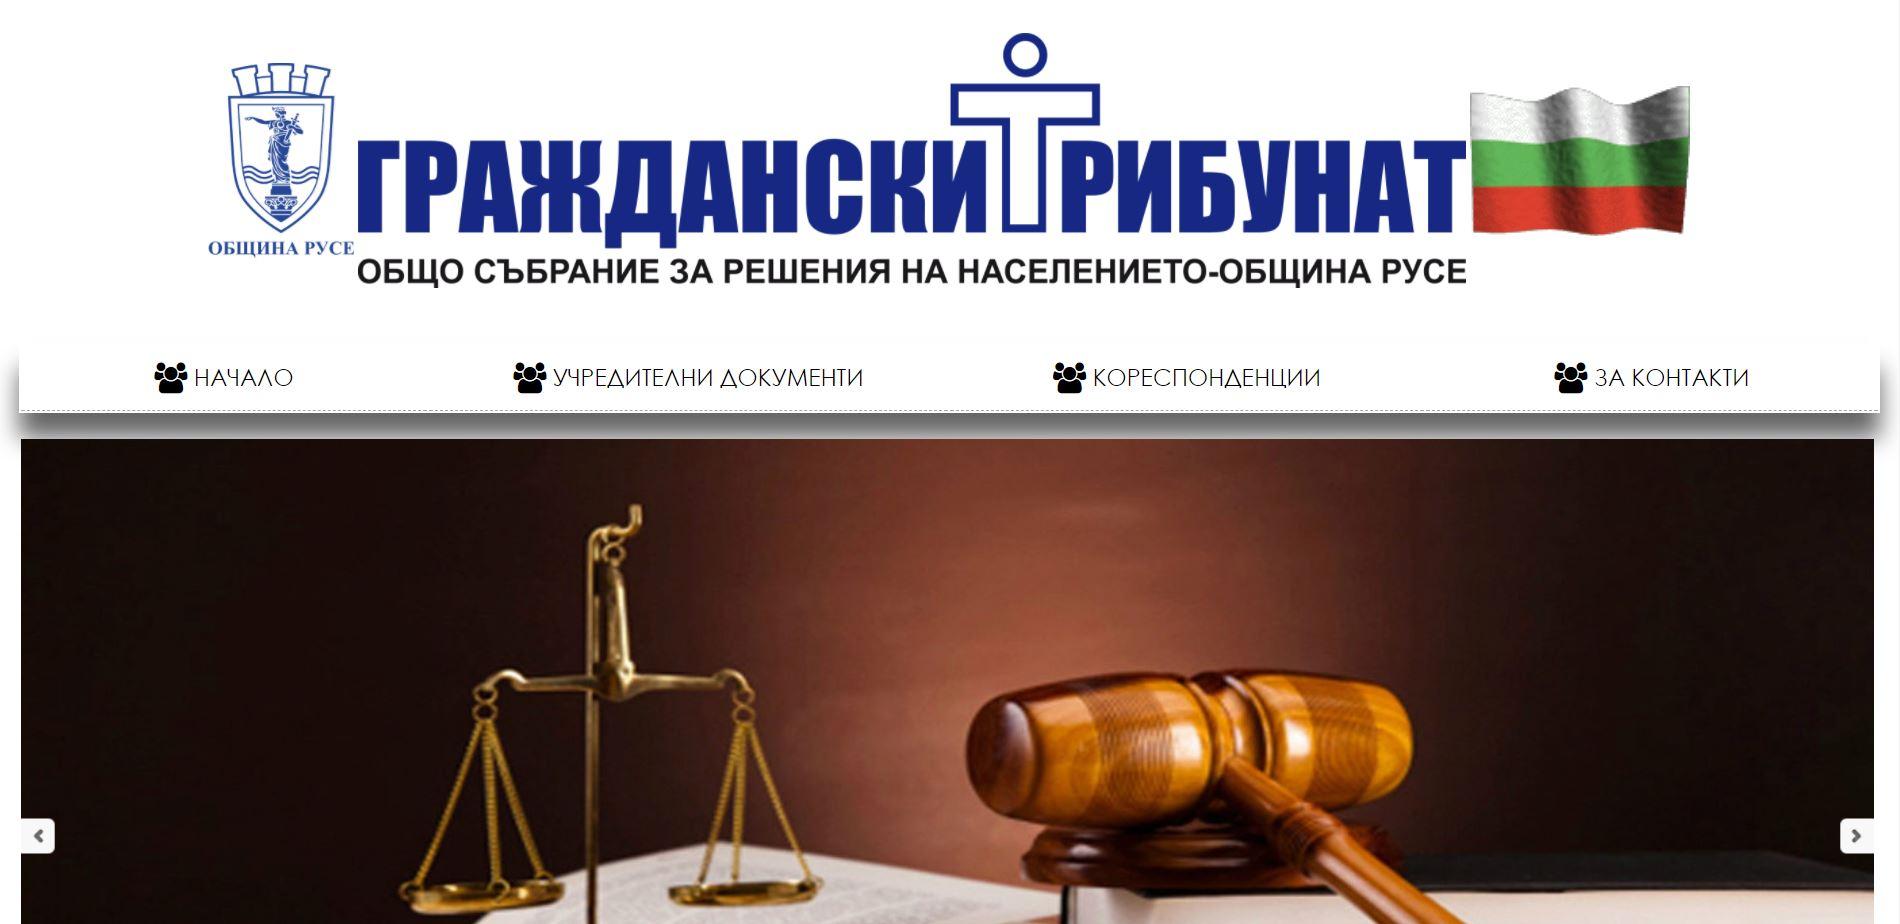 Граждански ТРИБУНАТ - Общо Събрание за Решения на Населението - Община РУСЕ